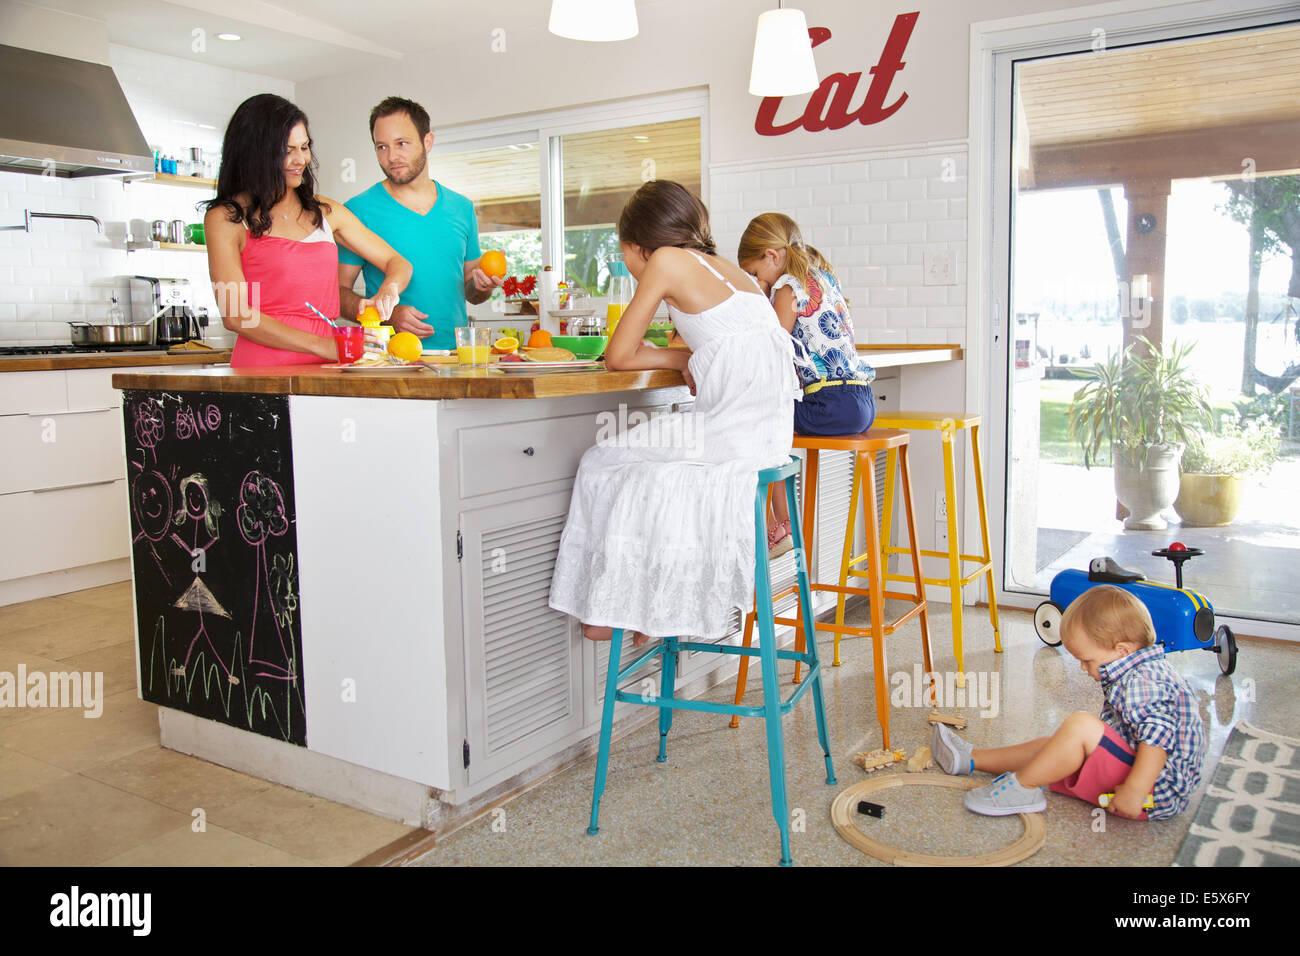 Mitte Erwachsenen Eltern und seinen drei Kindern, die Zubereitung des Frühstücks in der Küche Stockbild